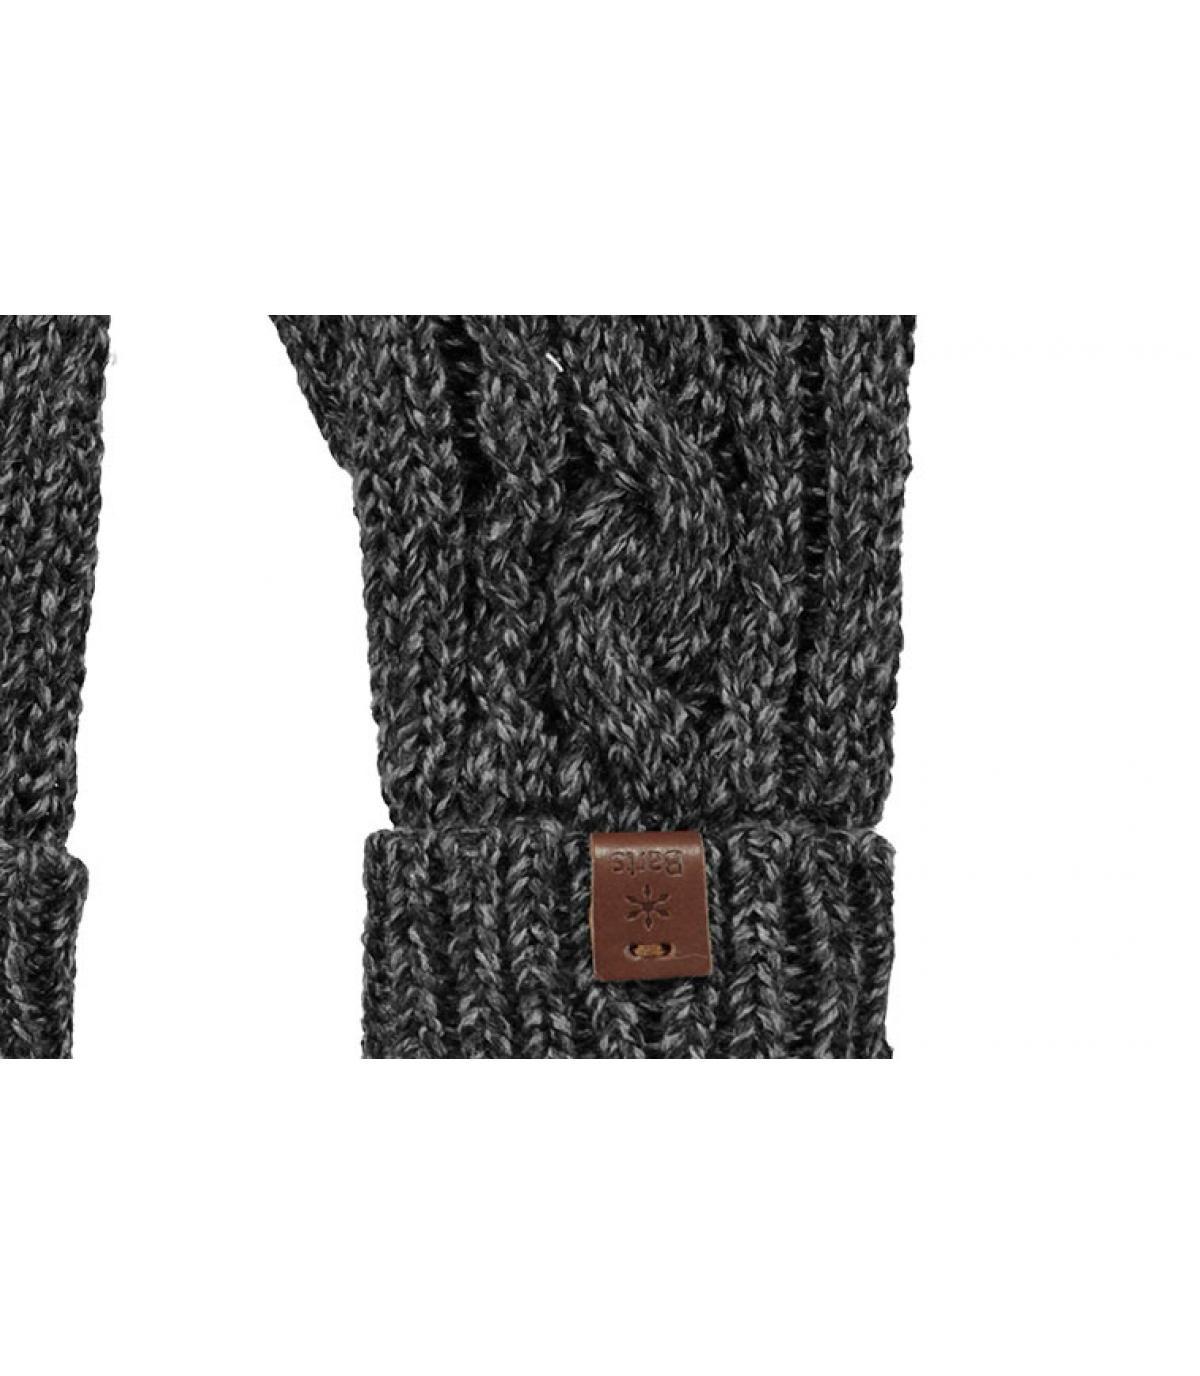 Details Twister Gloves black - Abbildung 3